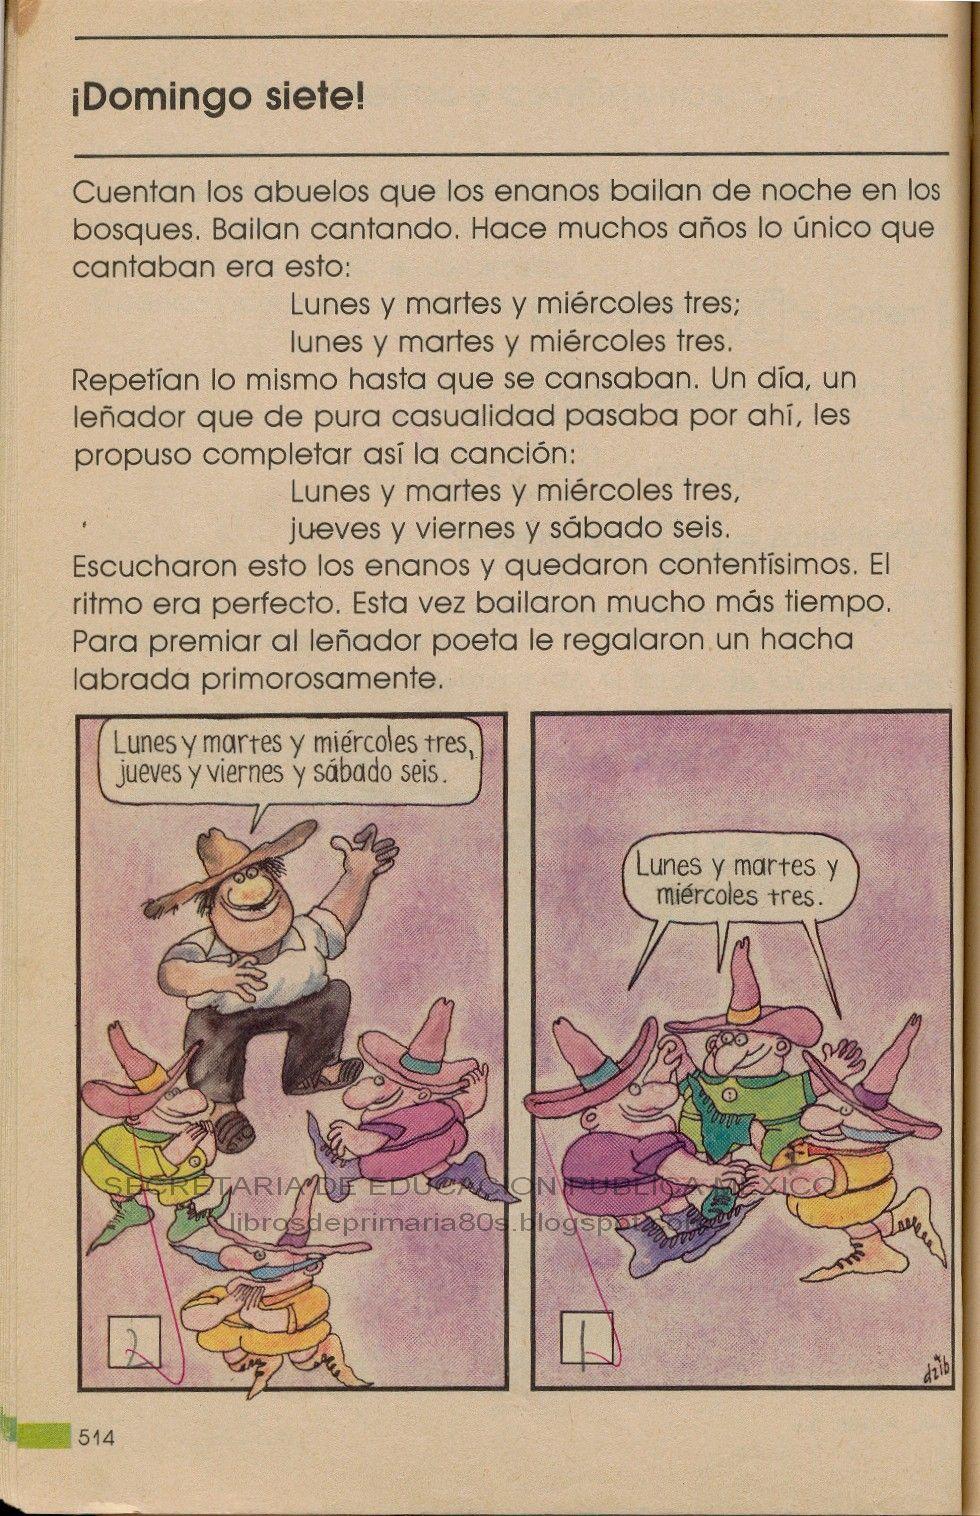 Libros de Primaria de los 80's: agosto 2011